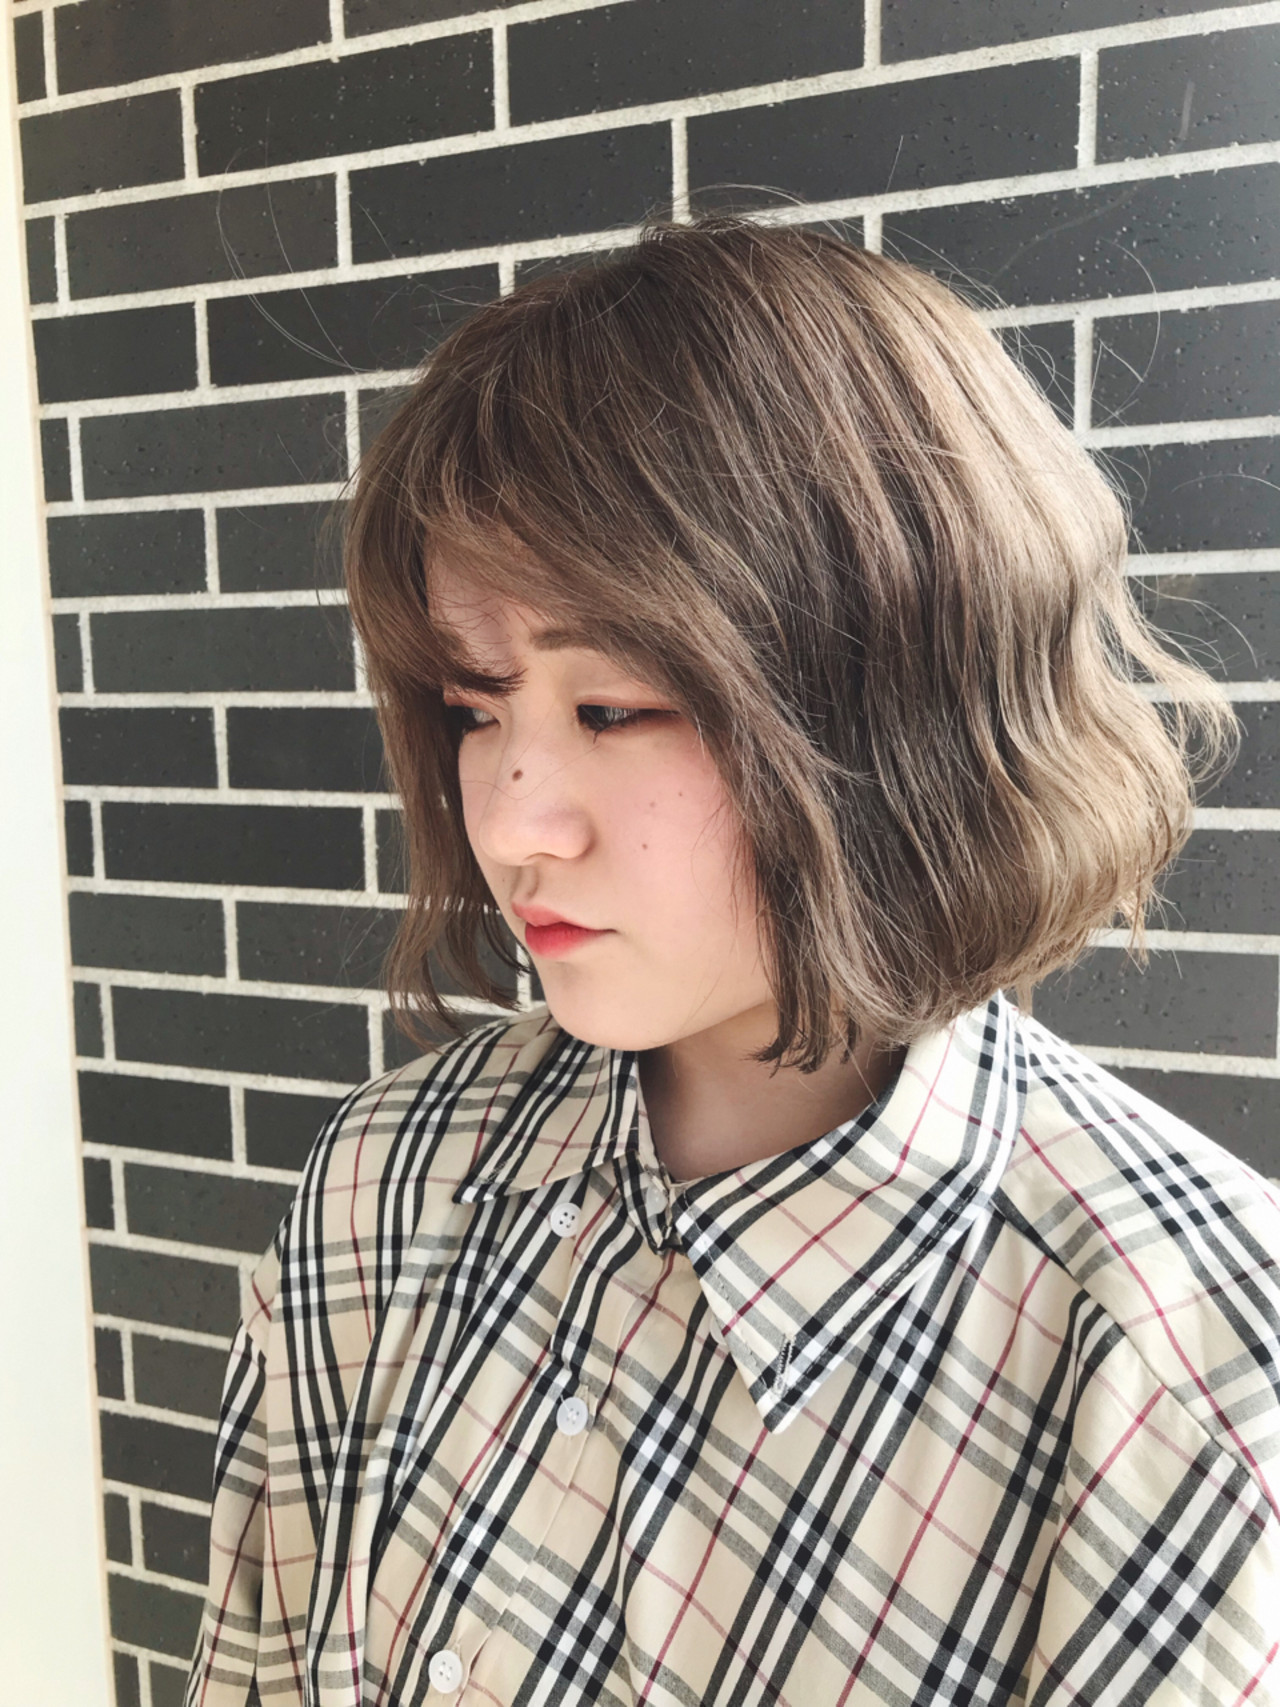 くすみカラー ダブルカラー ボブ 外国人風カラー ヘアスタイルや髪型の写真・画像